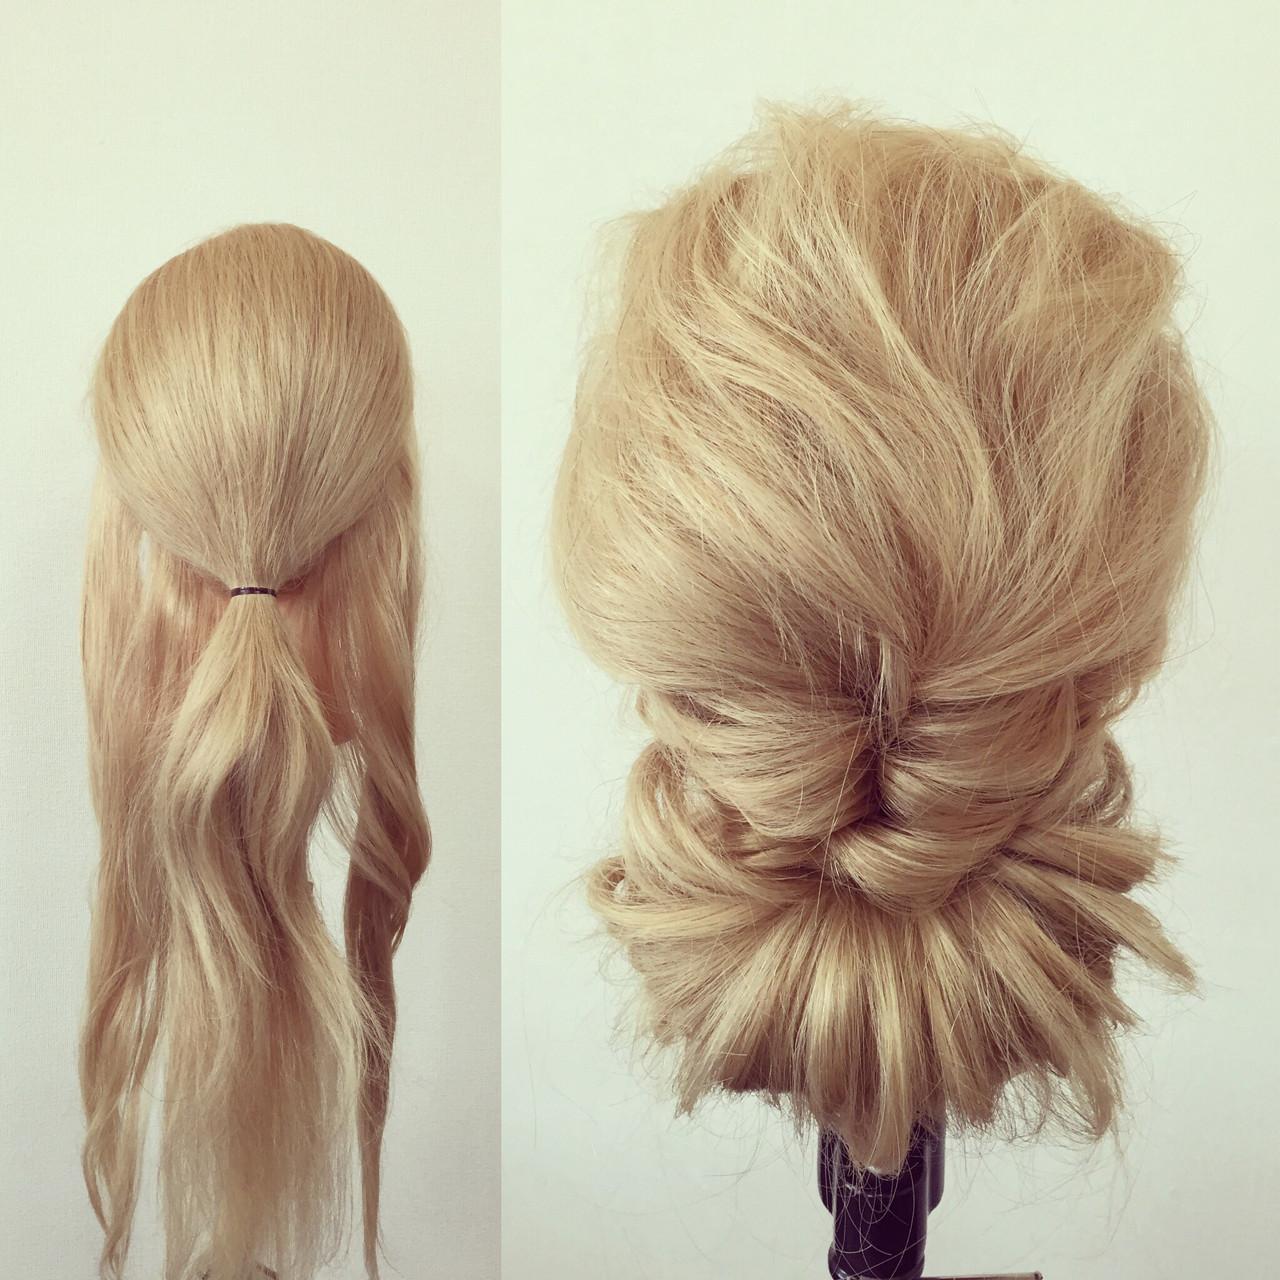 大人かわいい 簡単ヘアアレンジ ショート ギブソンタック ヘアスタイルや髪型の写真・画像 | 佐藤 允美 / Hair Space  ACT  LOCALLY(アクトローカリー)